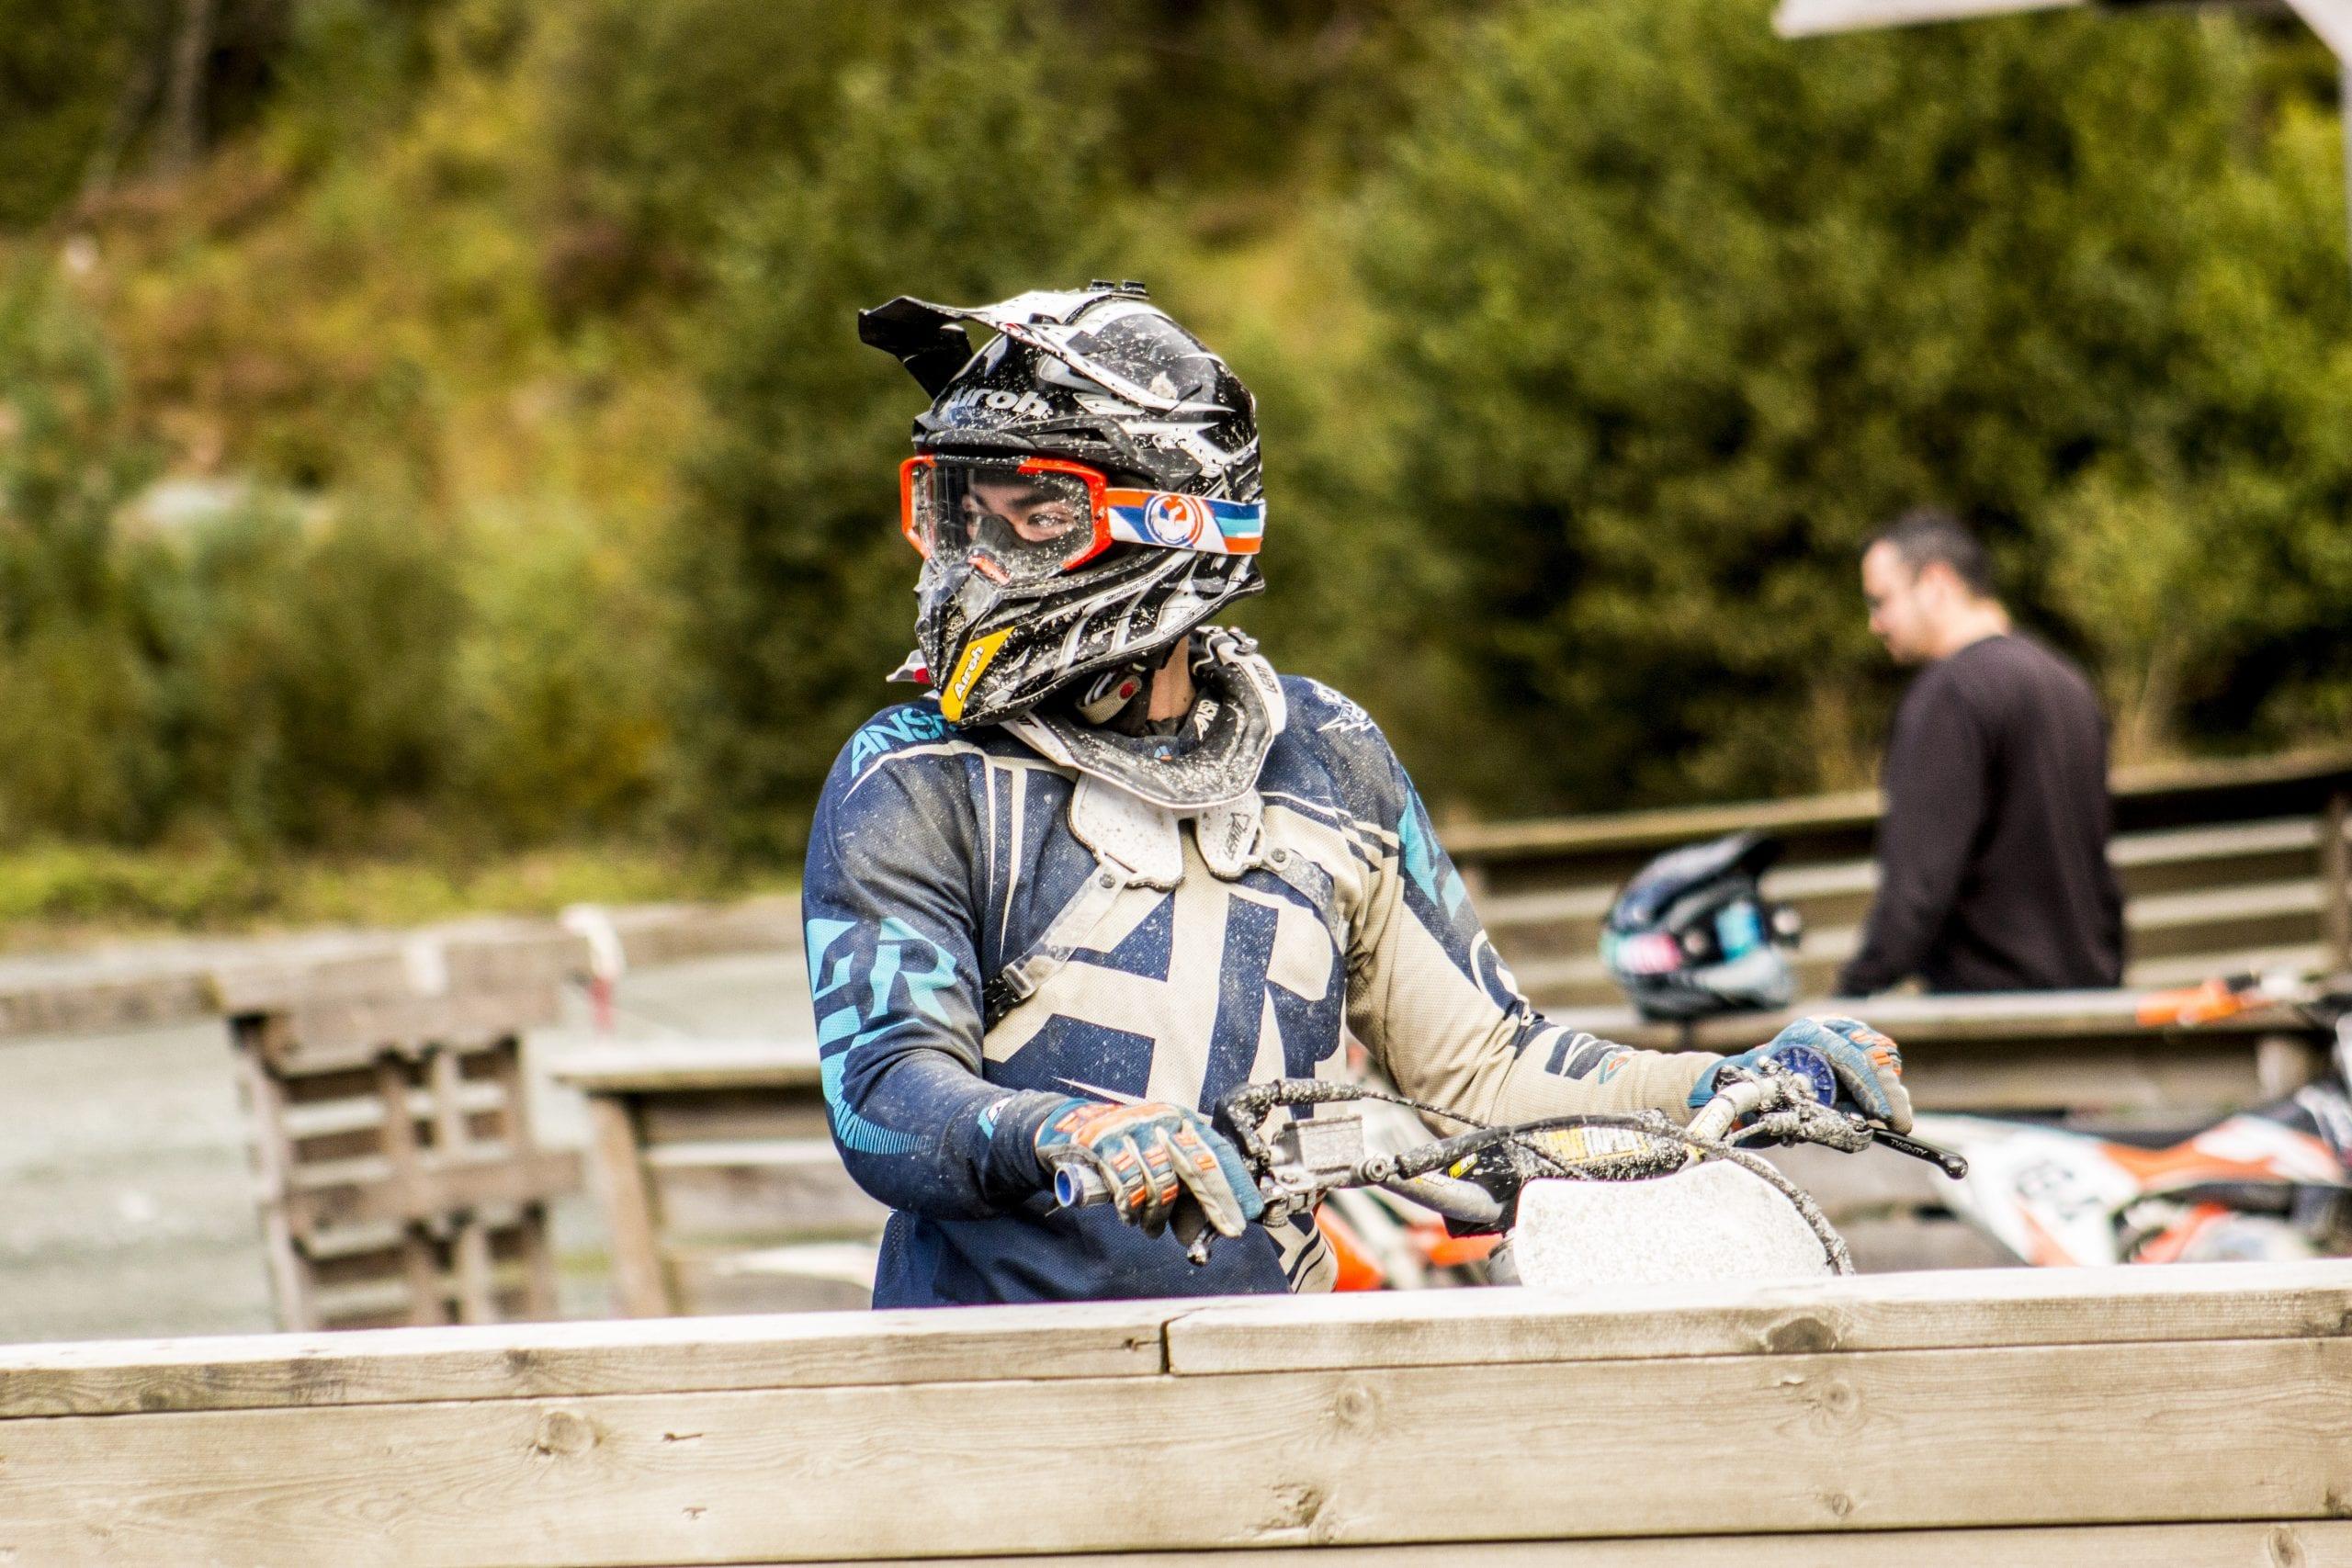 Klar for ny runde. Motocross Stord folkehøgskule